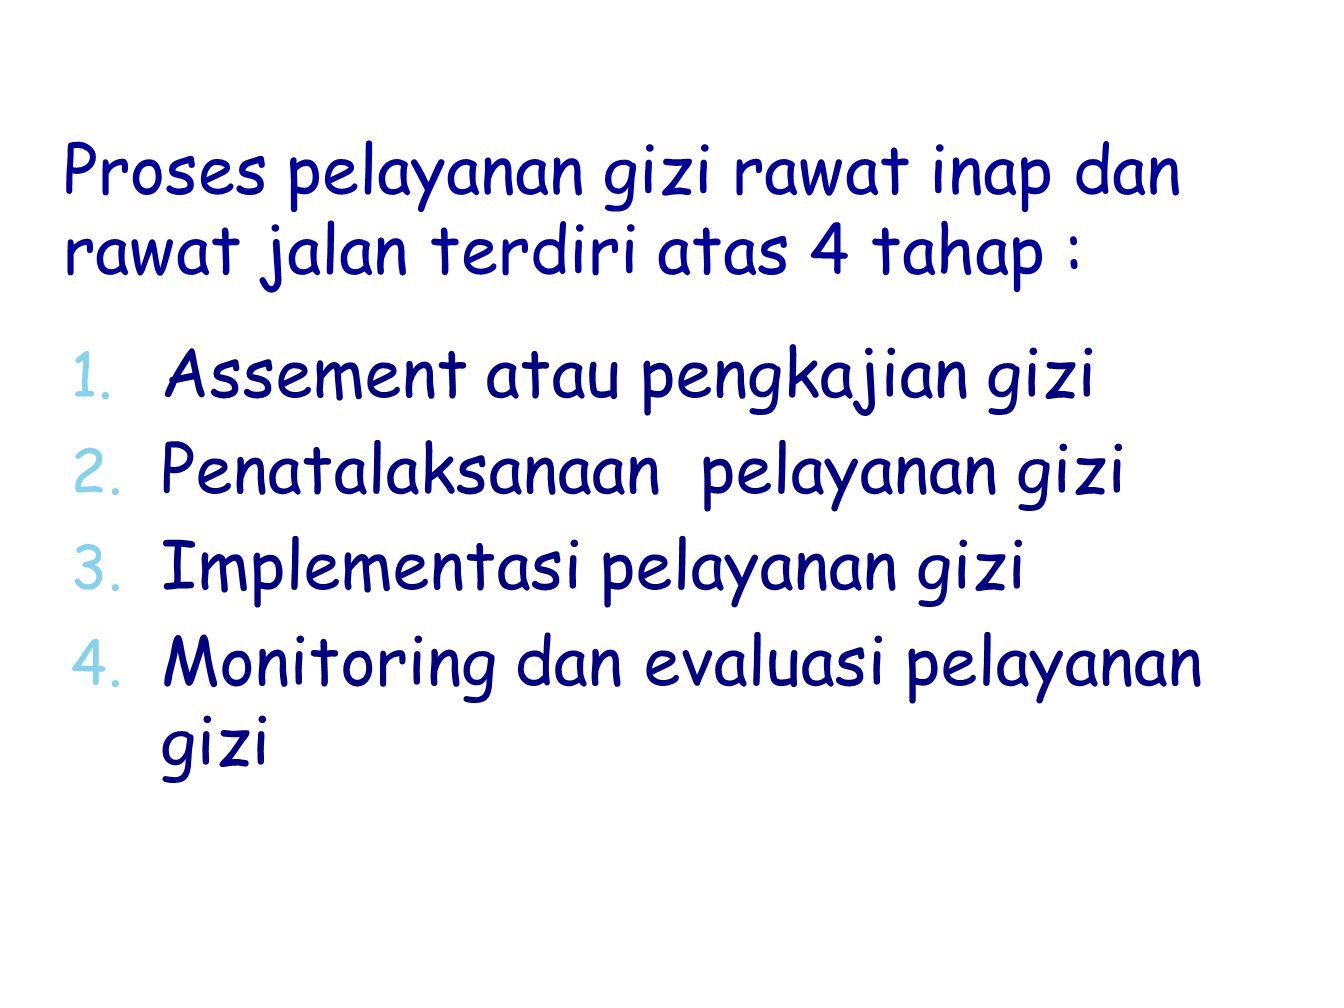 Proses pelayanan gizi rawat inap dan rawat jalan terdiri atas 4 tahap :